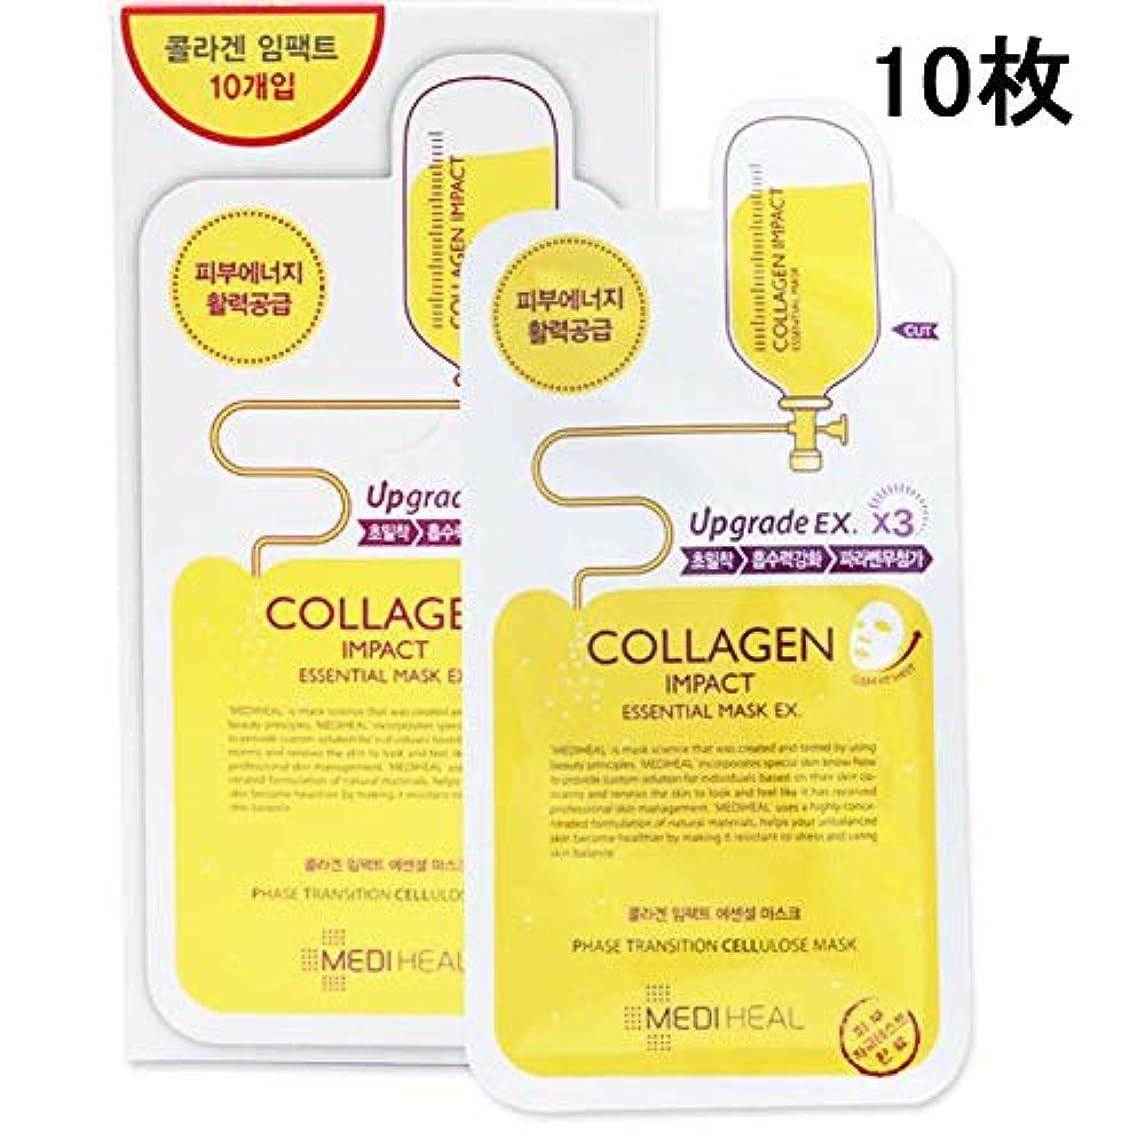 バスケットボールベスビオ山病気だと思う[メディヒール] Mediheal Colagen Impact Essential Mask メディヒールコラーゲンインパクトエッセンシャルマスクシートEX 10枚 (24ml) [海外直送品][並行輸入品]